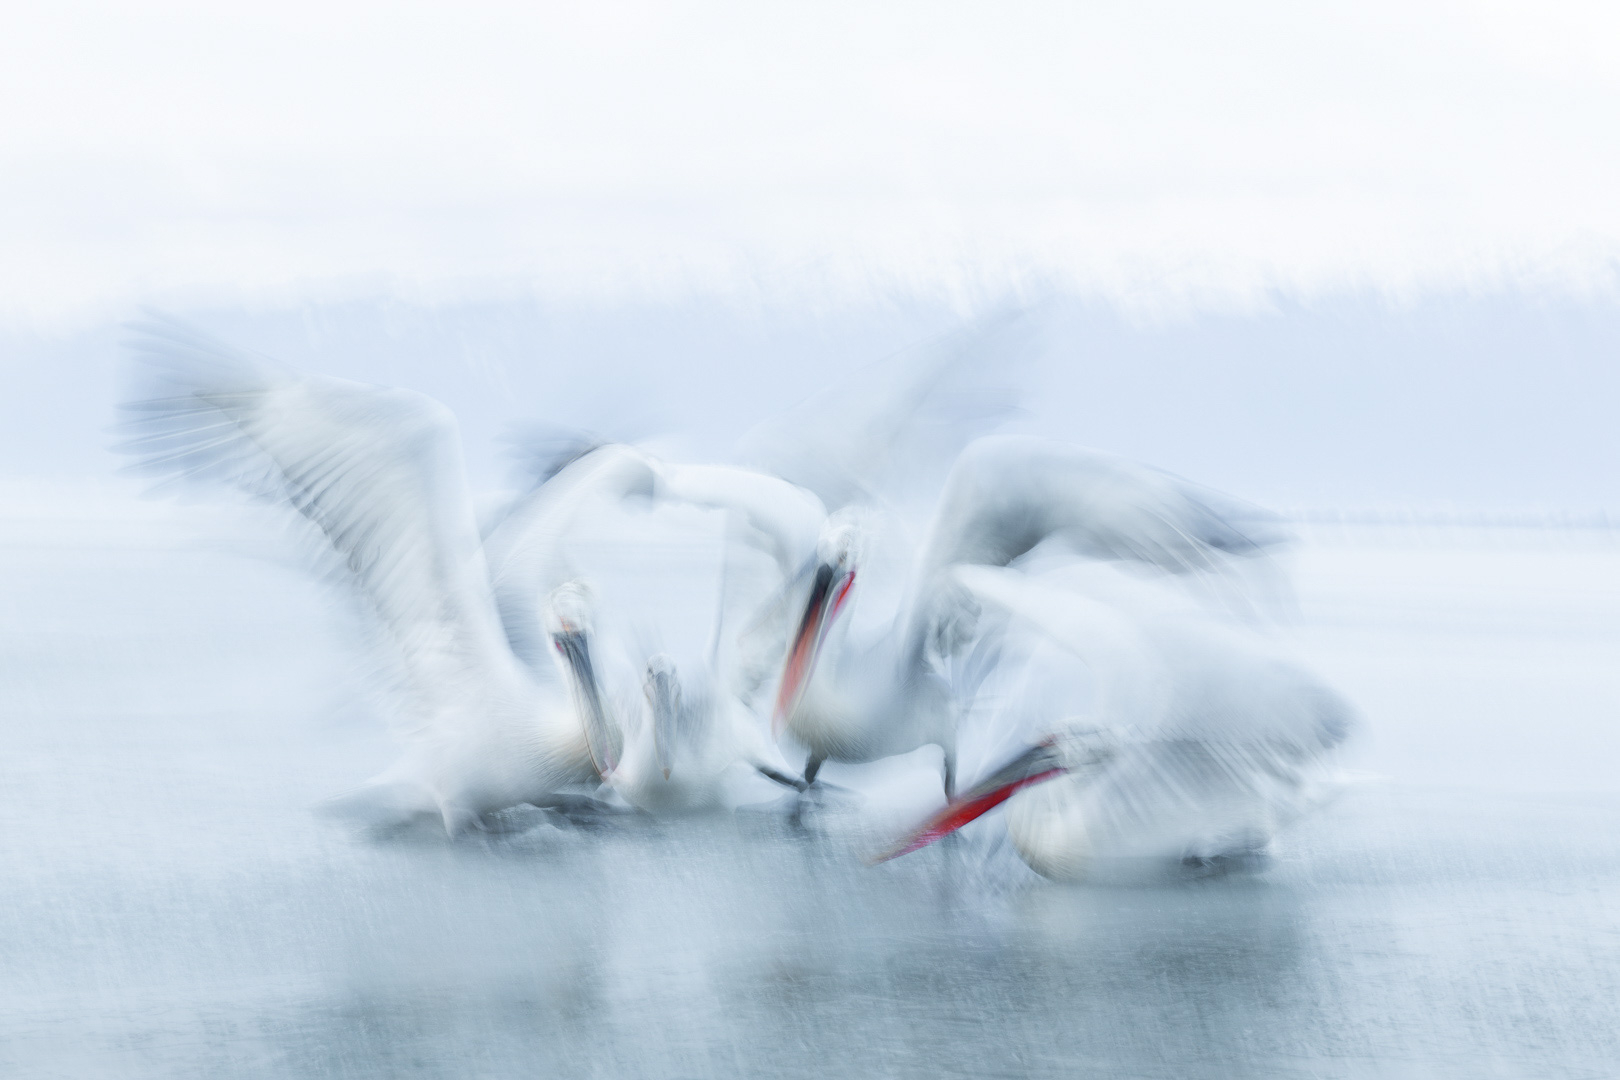 4248604399173110110-FD4-Aalborg_Fotoklub-Peter_Bentsen-Pelican_action